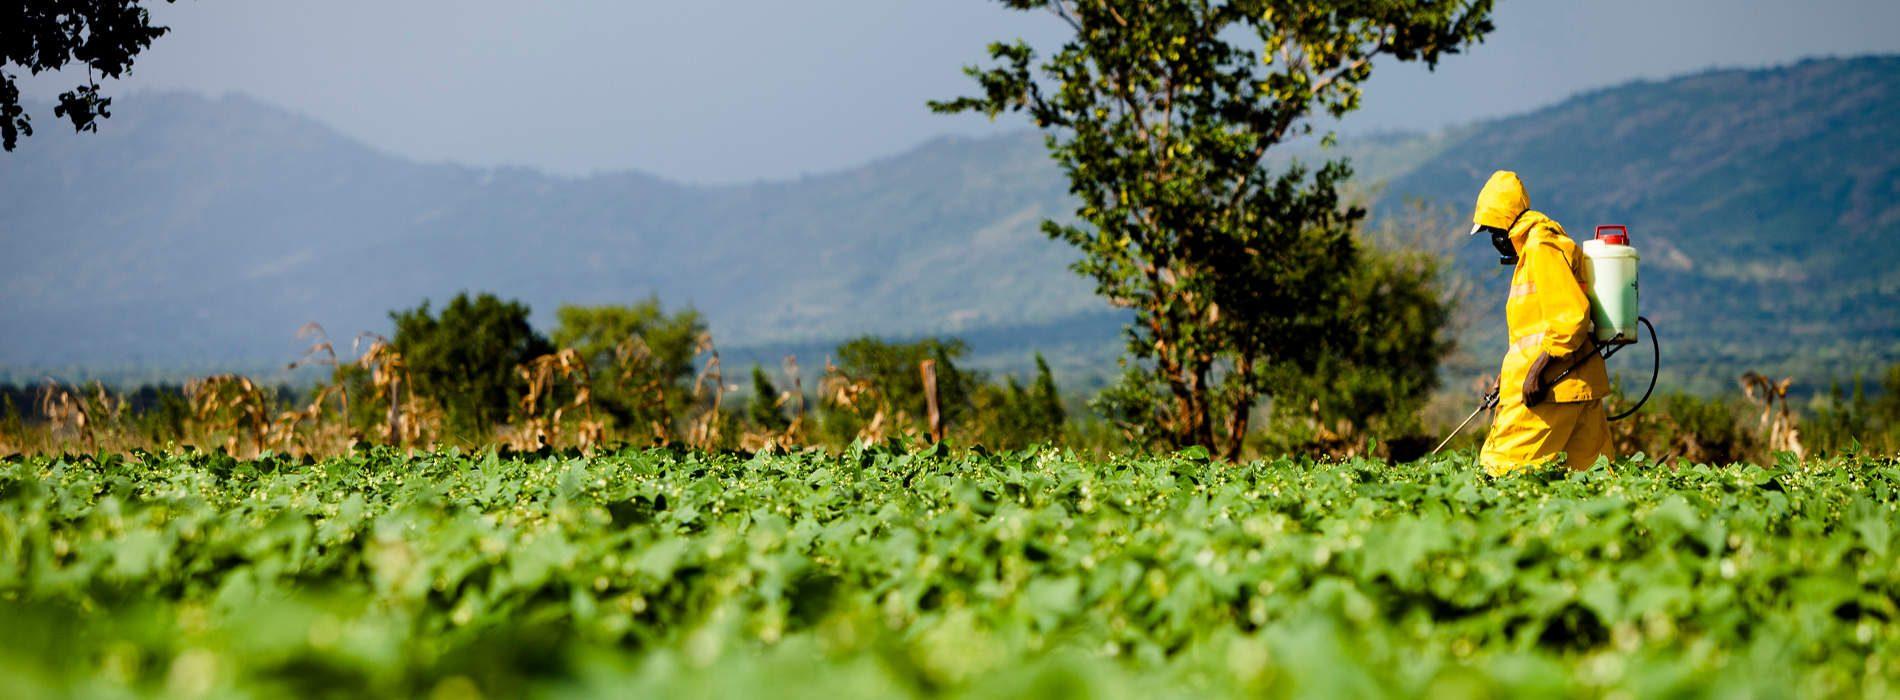 Agro business vital